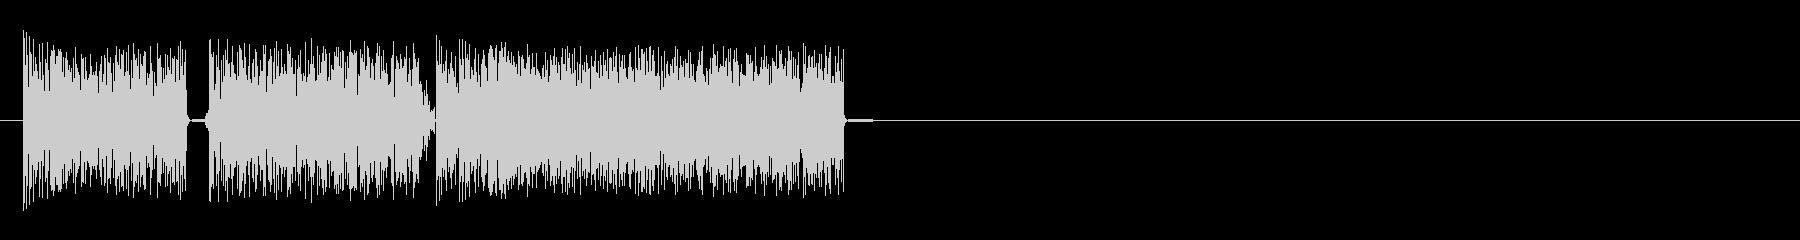 短いスタッタースイープ1の未再生の波形